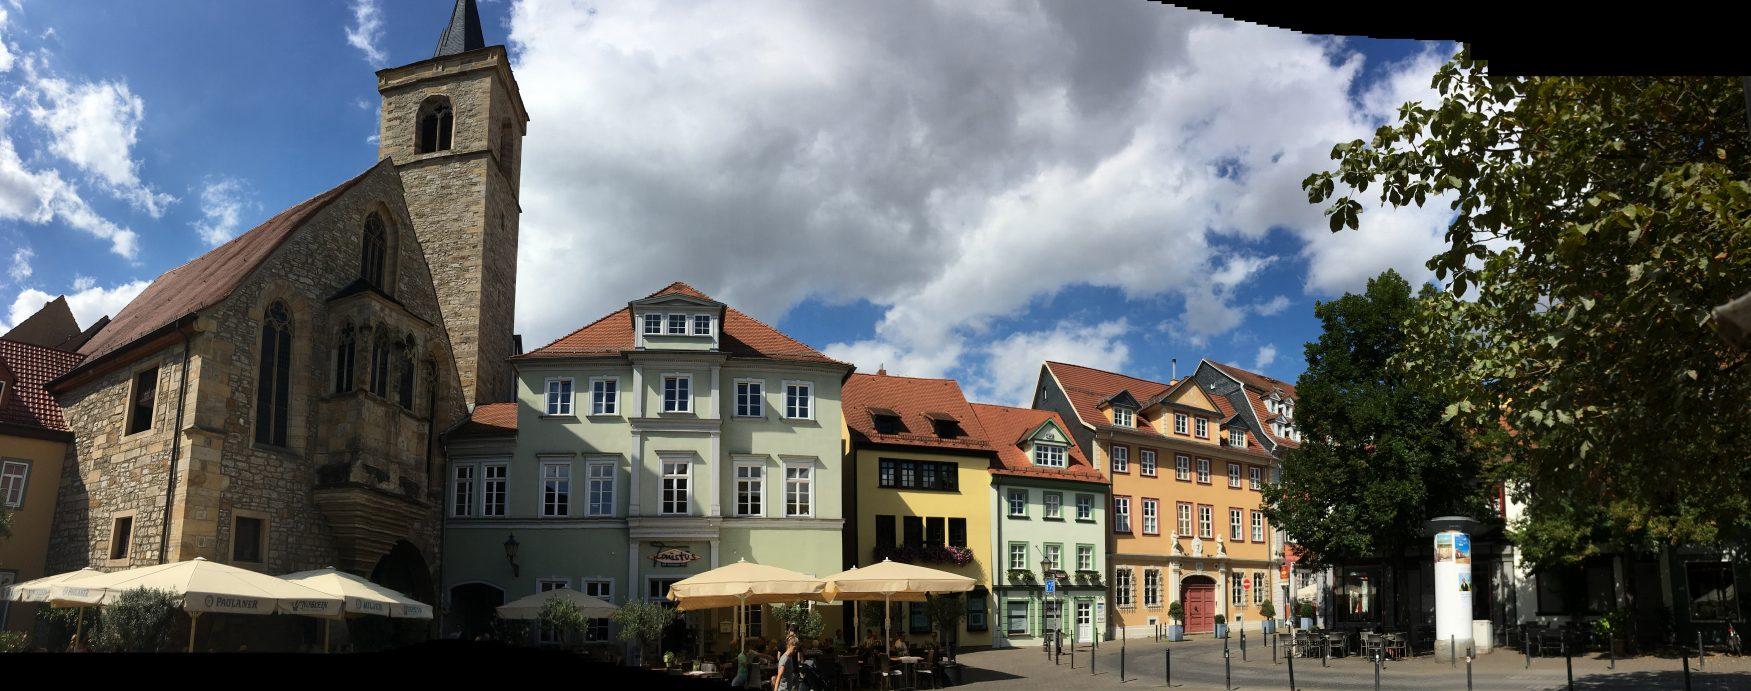 Blick auf den Wenigeplatz an der Krämerbrücke Foto: Weirauch